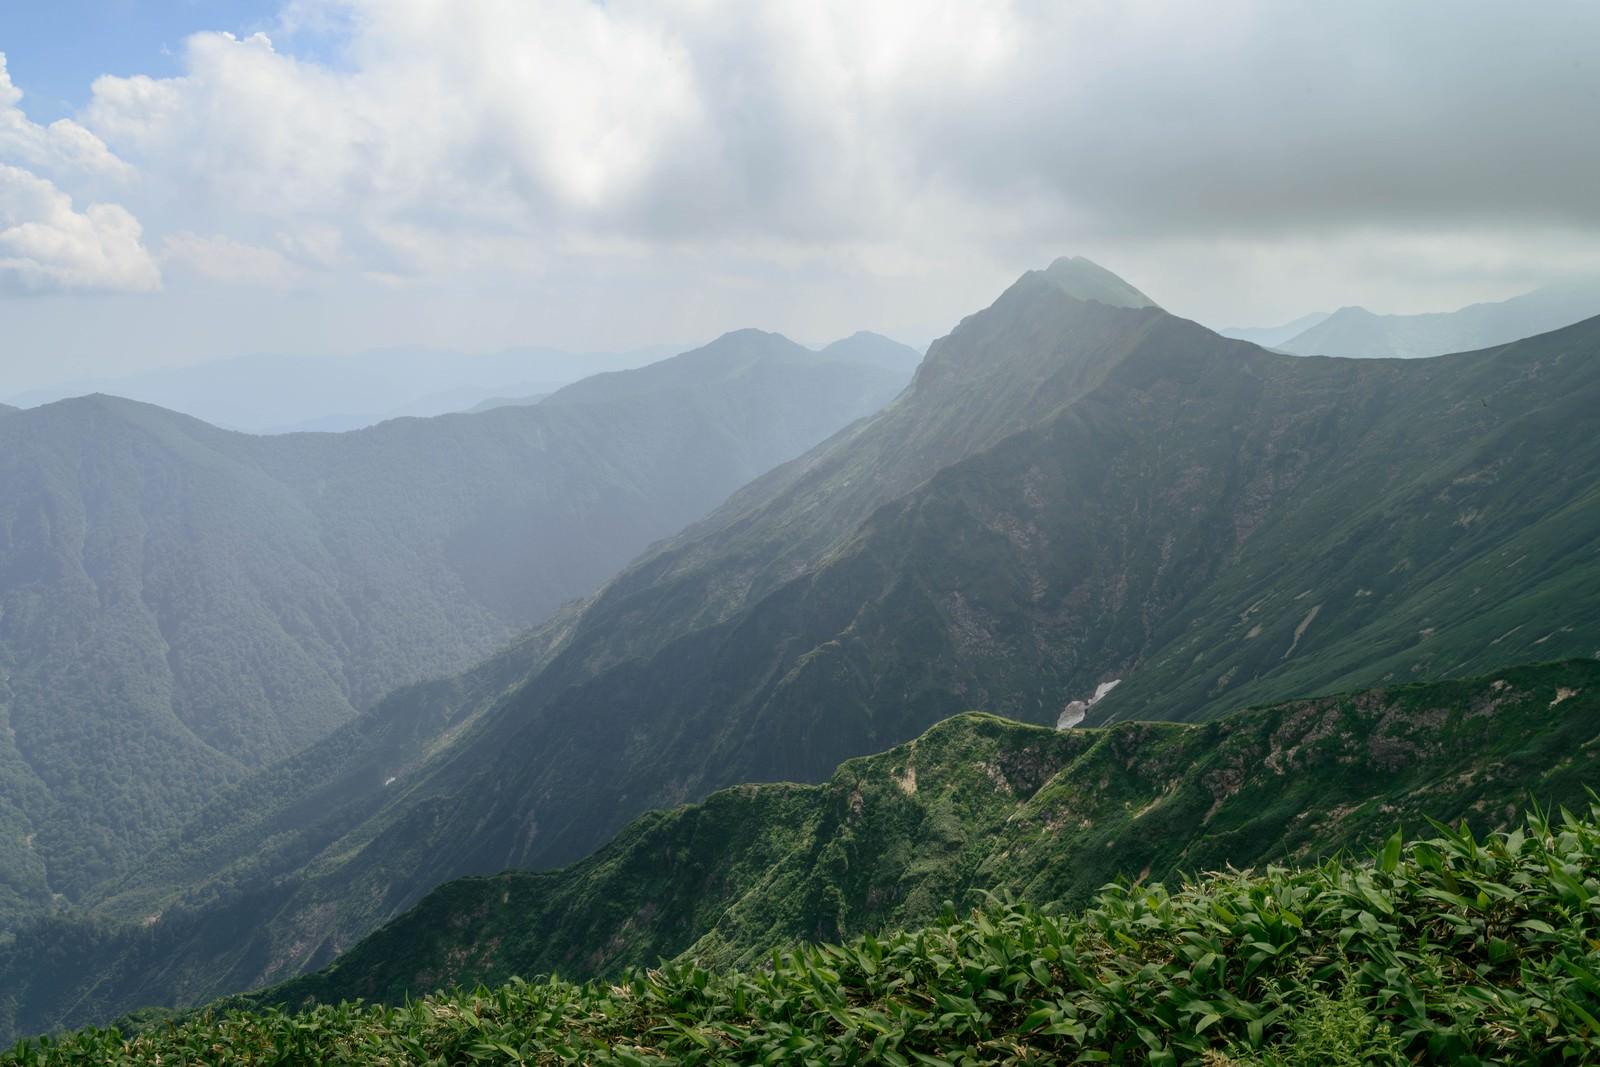 「雲が沸き立ち峰々が陰る風景」の写真